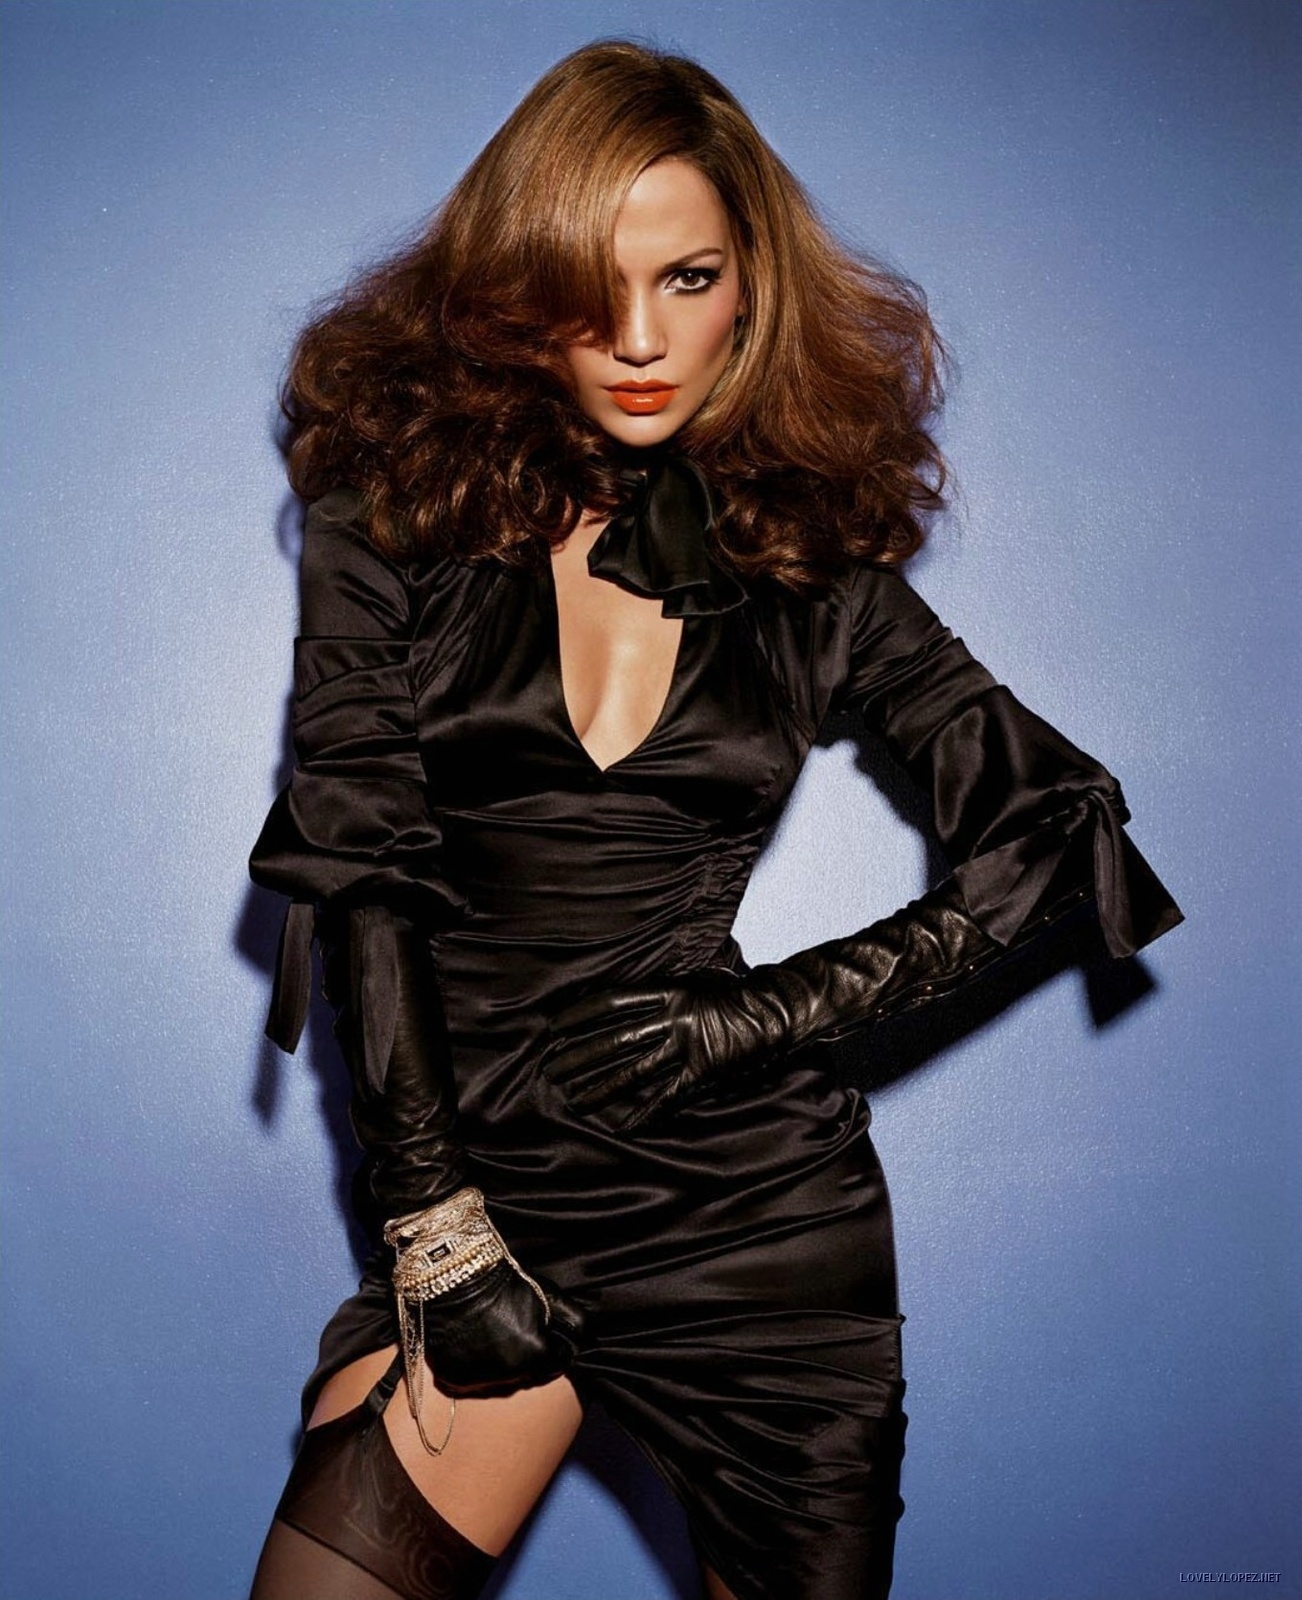 Дженнифер Лопес/Jennifer Lopez - Страница 5 Jennifer-Lopez-jennifer-lopez-17150142-1302-1600